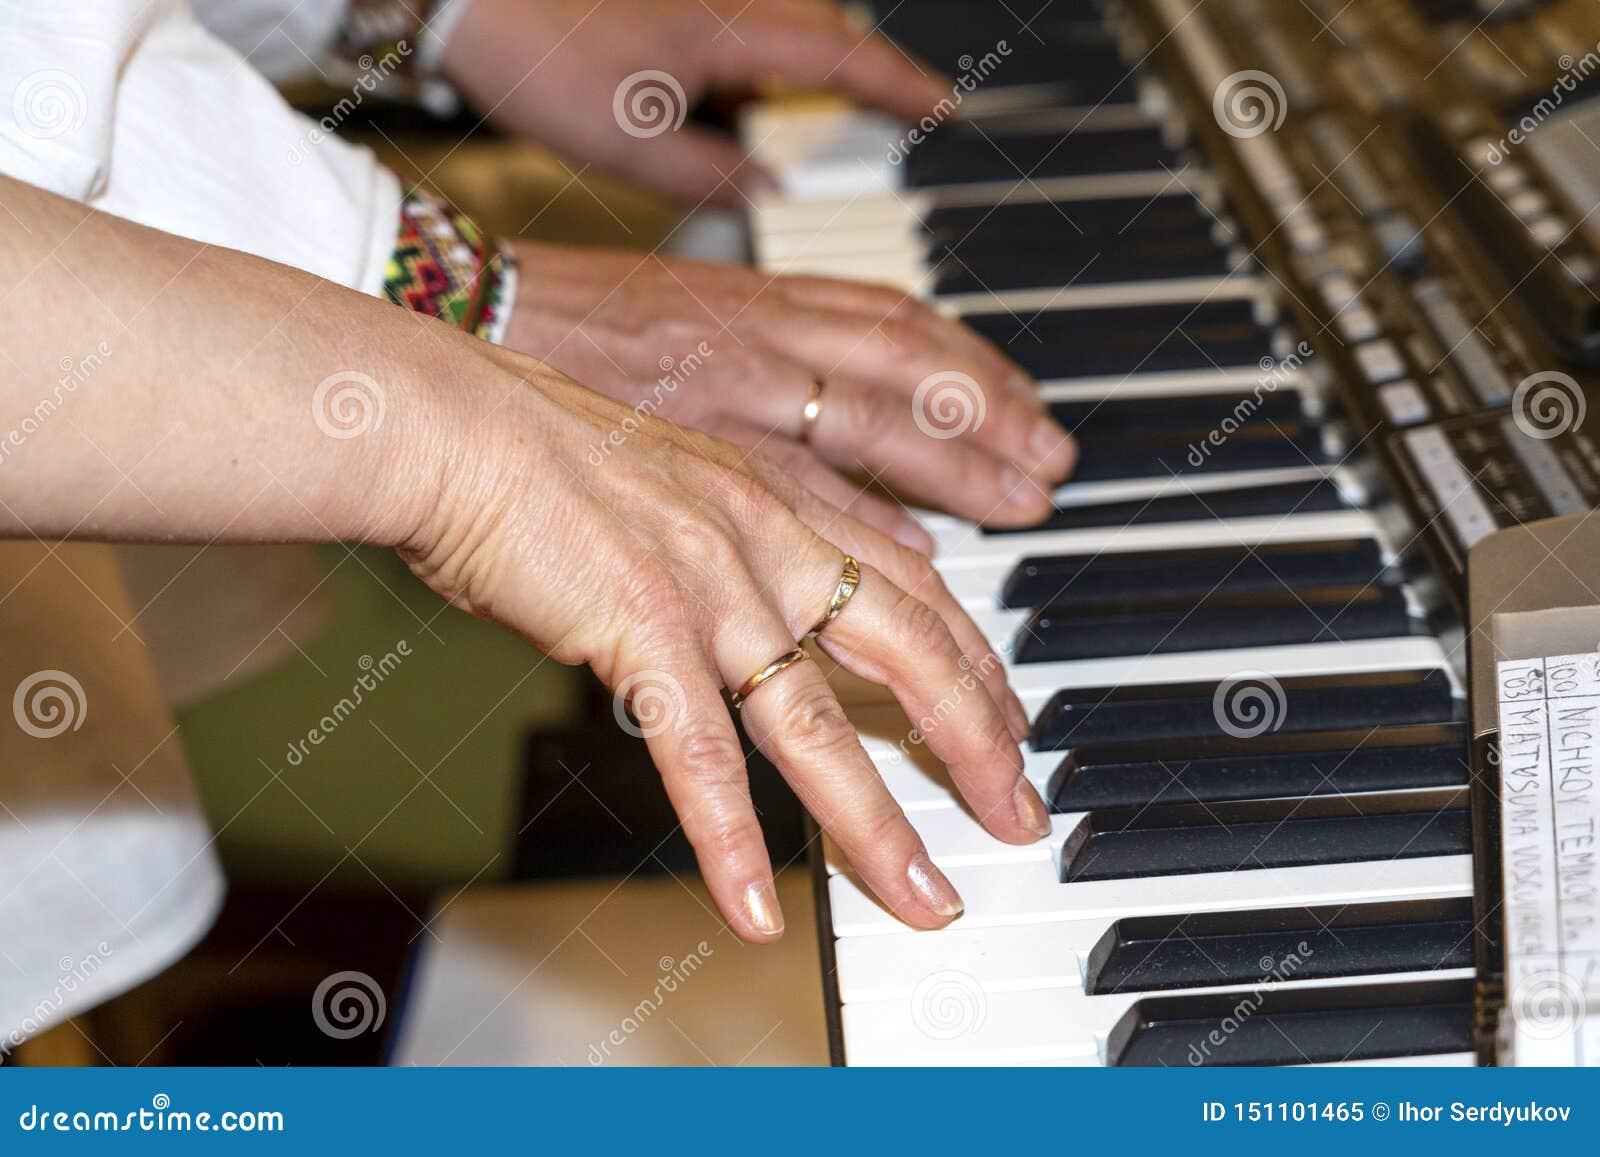 Zako?czenie muzyk up wr?cza klasyczny fortepianowy bawi? si? Muzyk ręki Scena pianista ręki Męski muzyk bawić się Midi klawiaturę